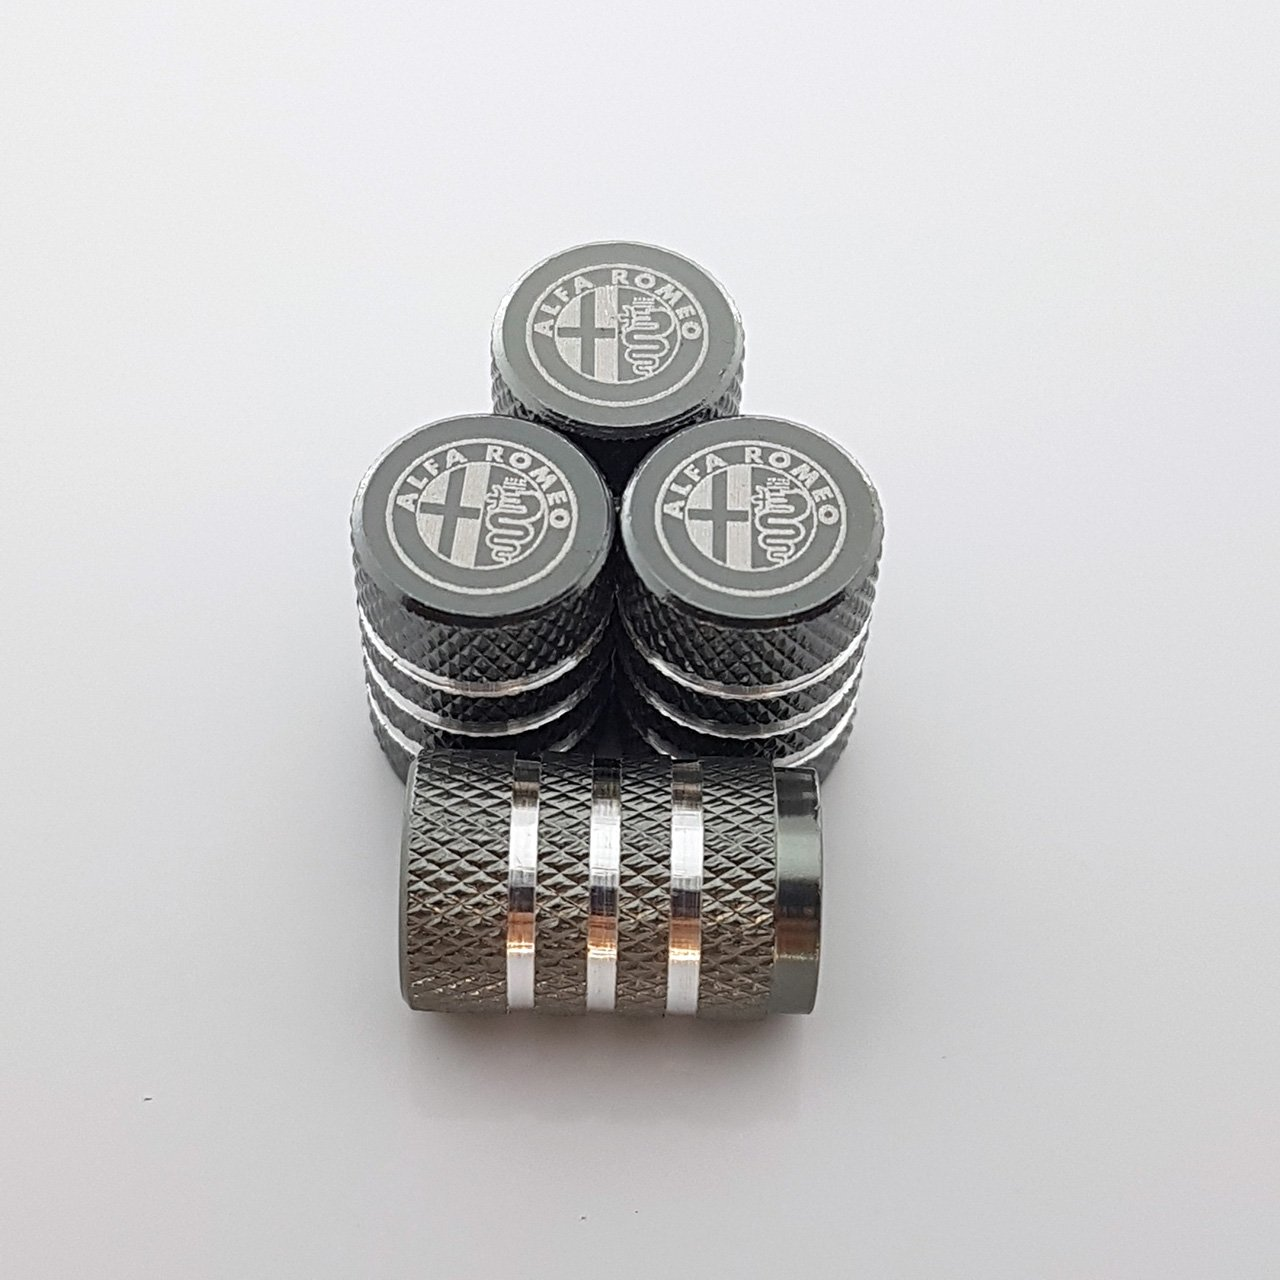 Speed Demons ALFA ROMEO gris alliage pneu valve bouchons de protection pour tous les modèles laser gravé on sale